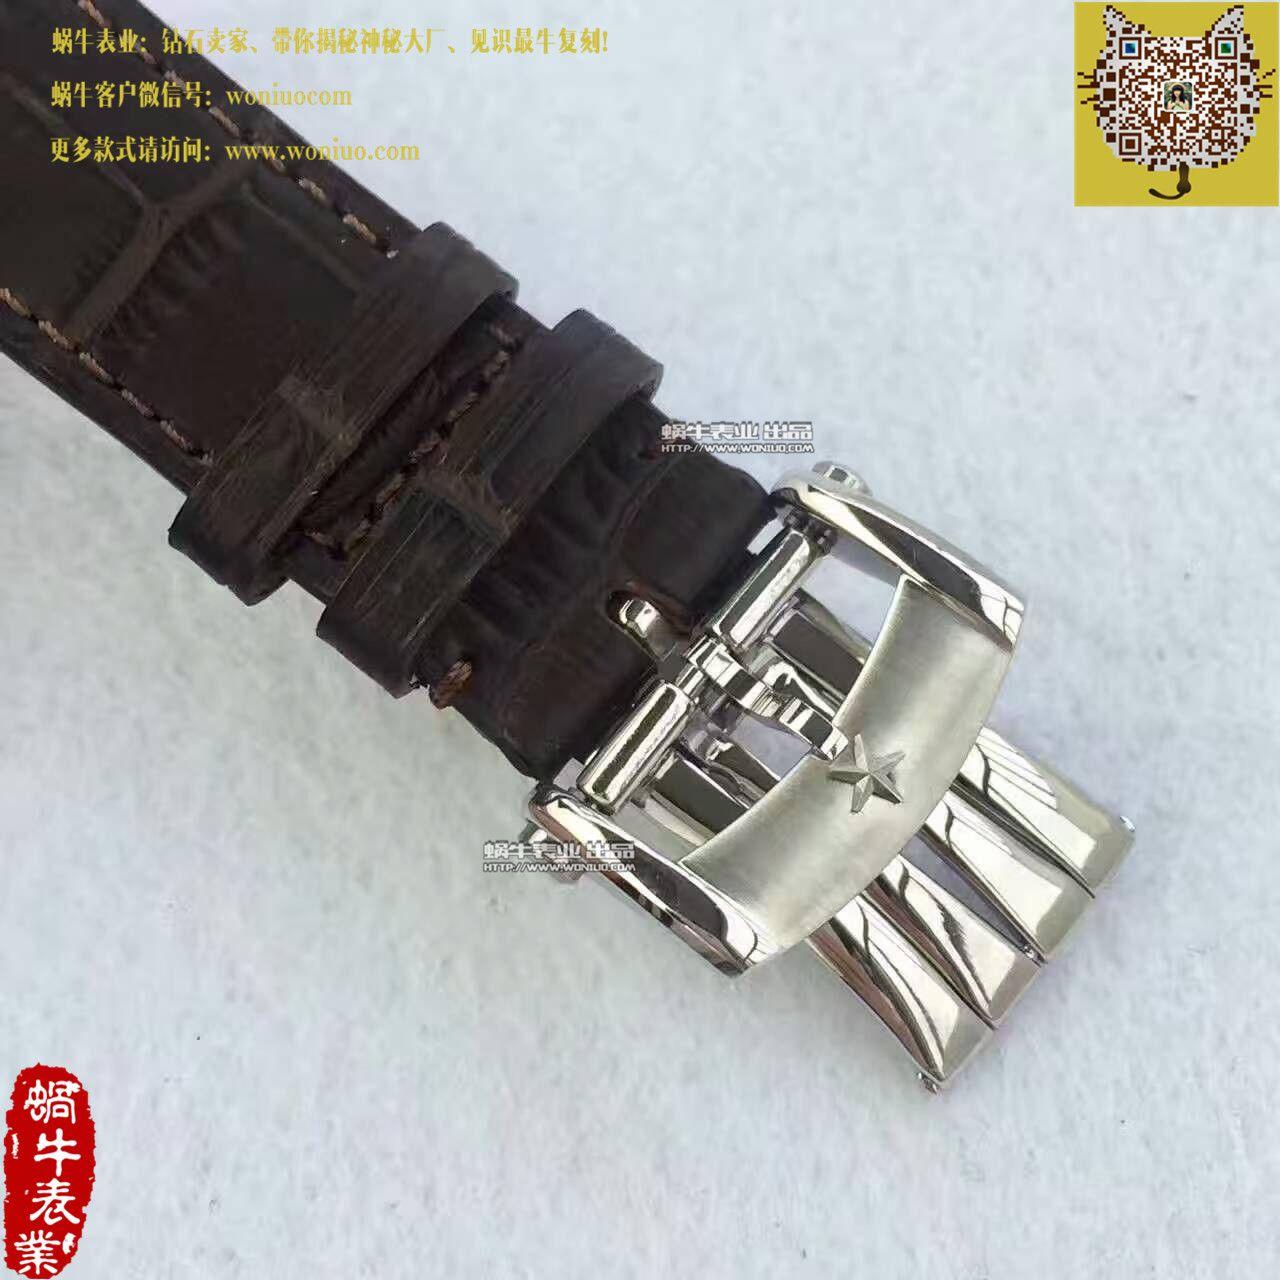 【BM厂一比一精仿手表】真力时ACADEMY系列 顶级真陀飞轮机械腕表 / ZSL029